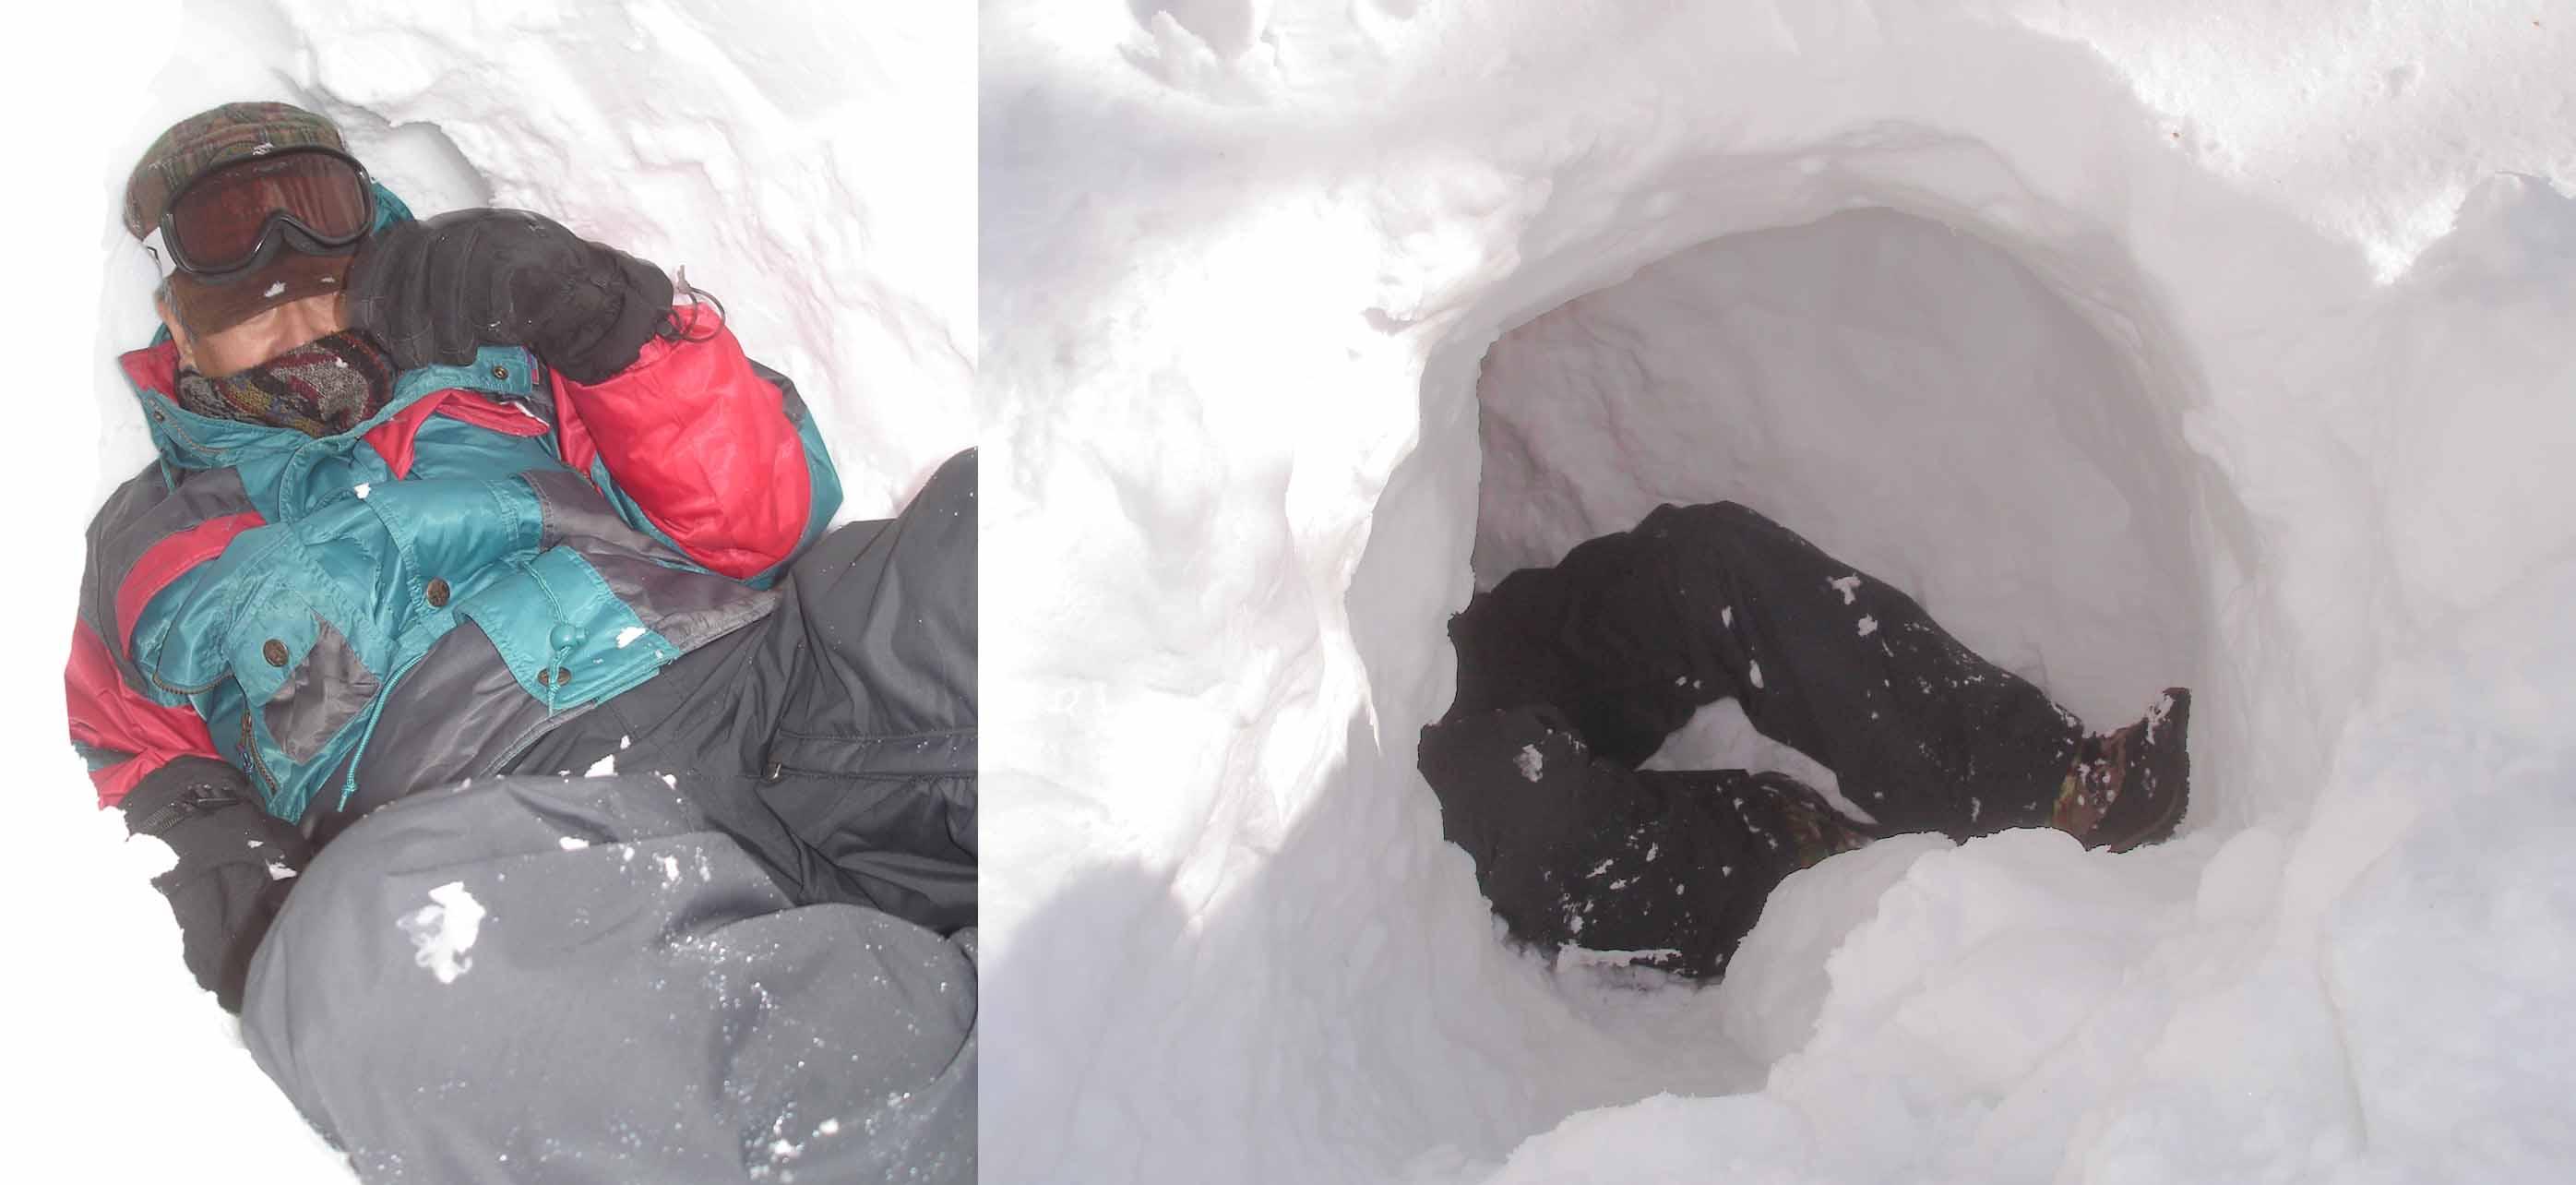 3つ目の簡易雪洞にて